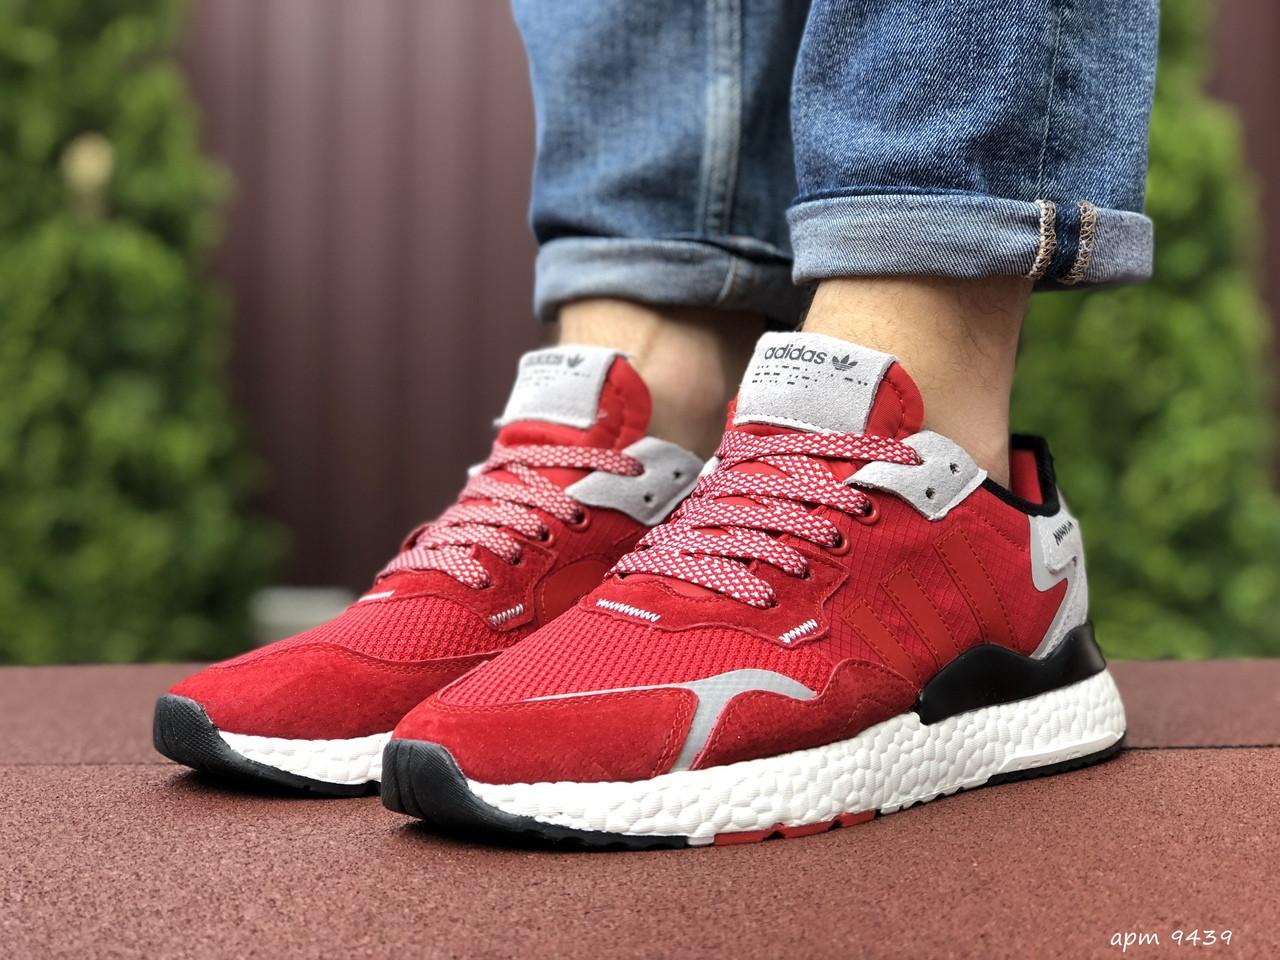 Кросівки чоловічі Nite Jogger Boost червоні 3M, демісезонні, сітка, замша, репліка